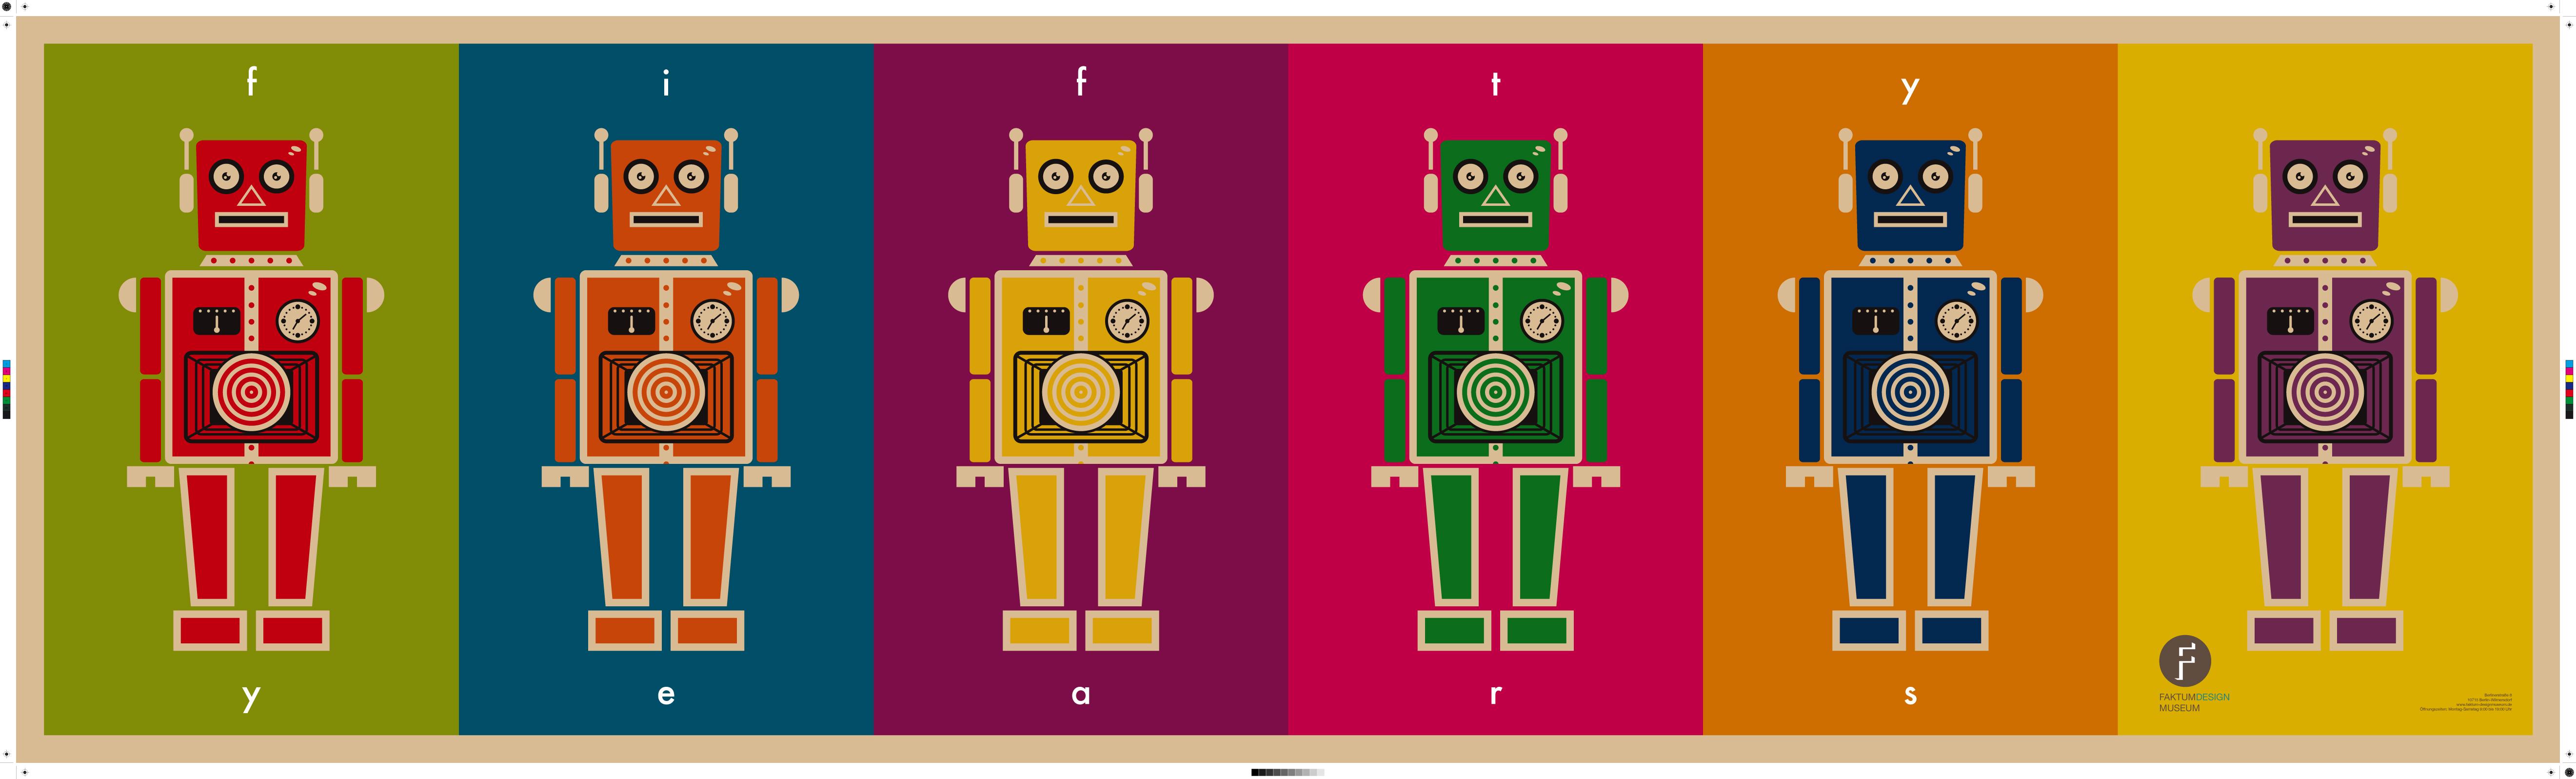 Retro Robot Faktum Banner by JoelPoischen 5282x1597